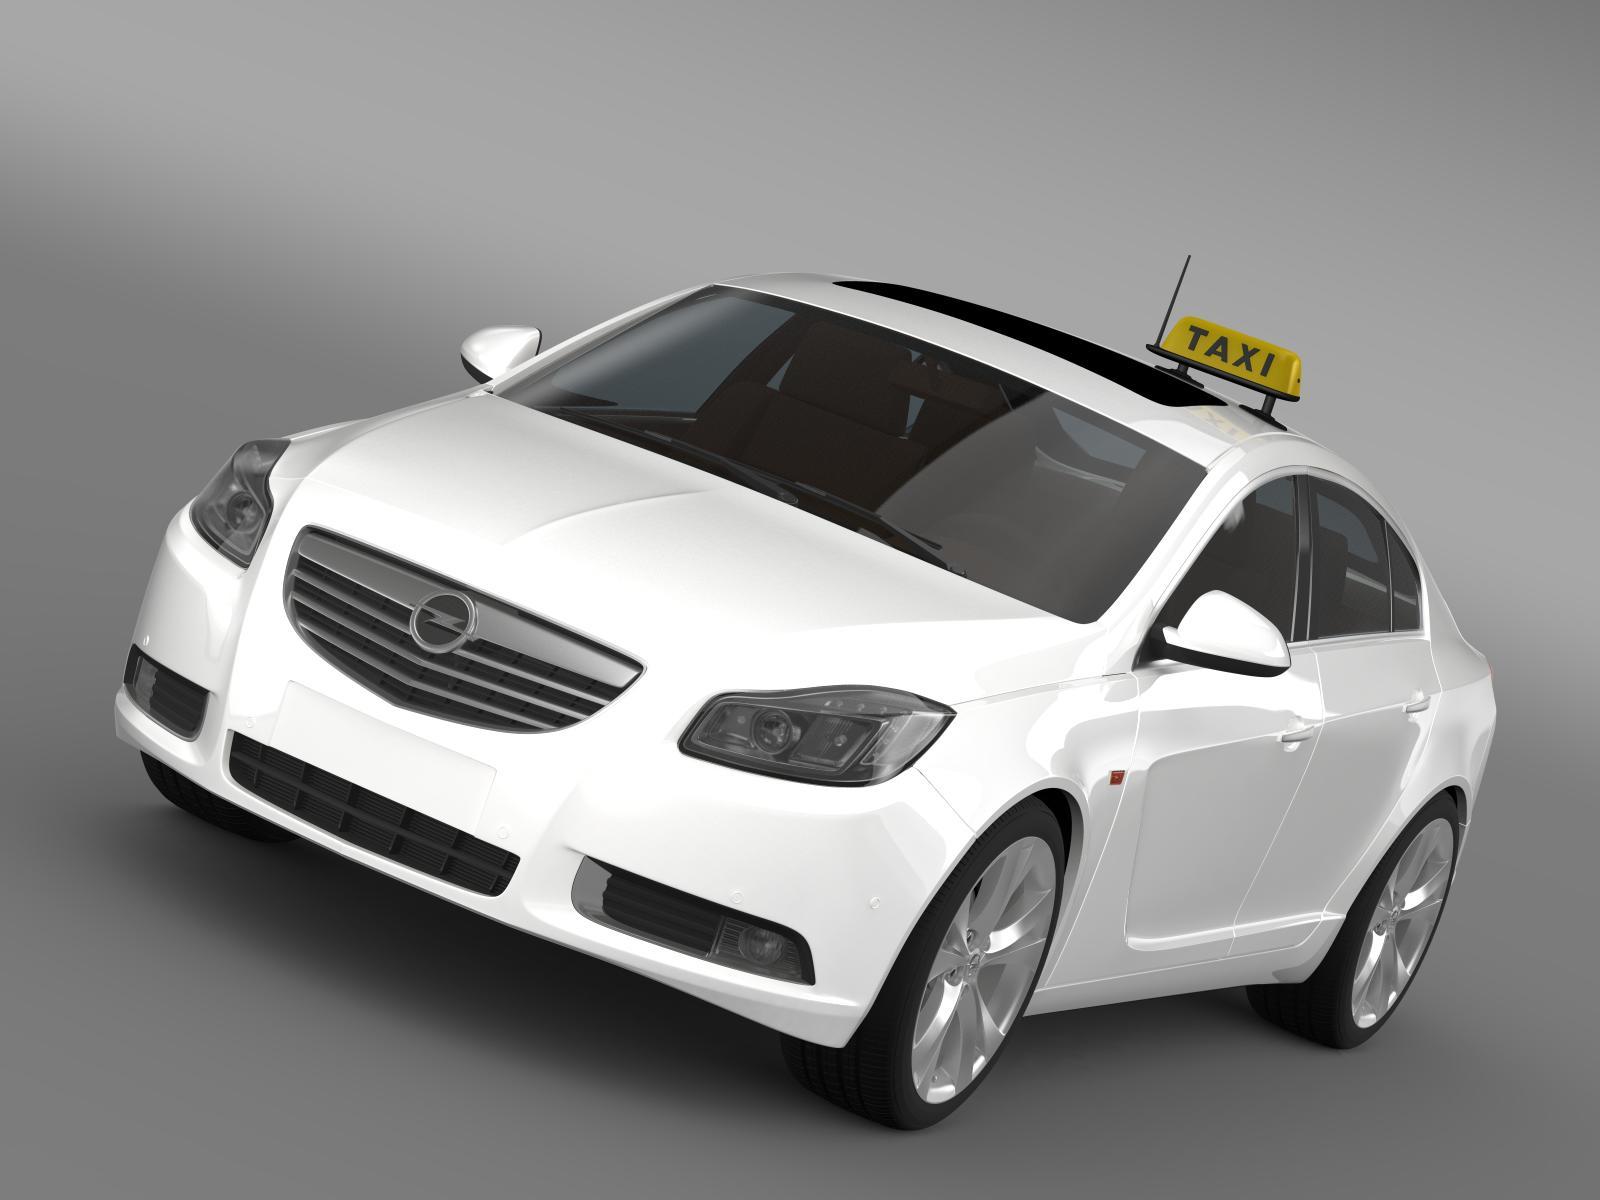 opel insignia taxi 3d max fbx c3d am fwy o wybodaeth xNUMX